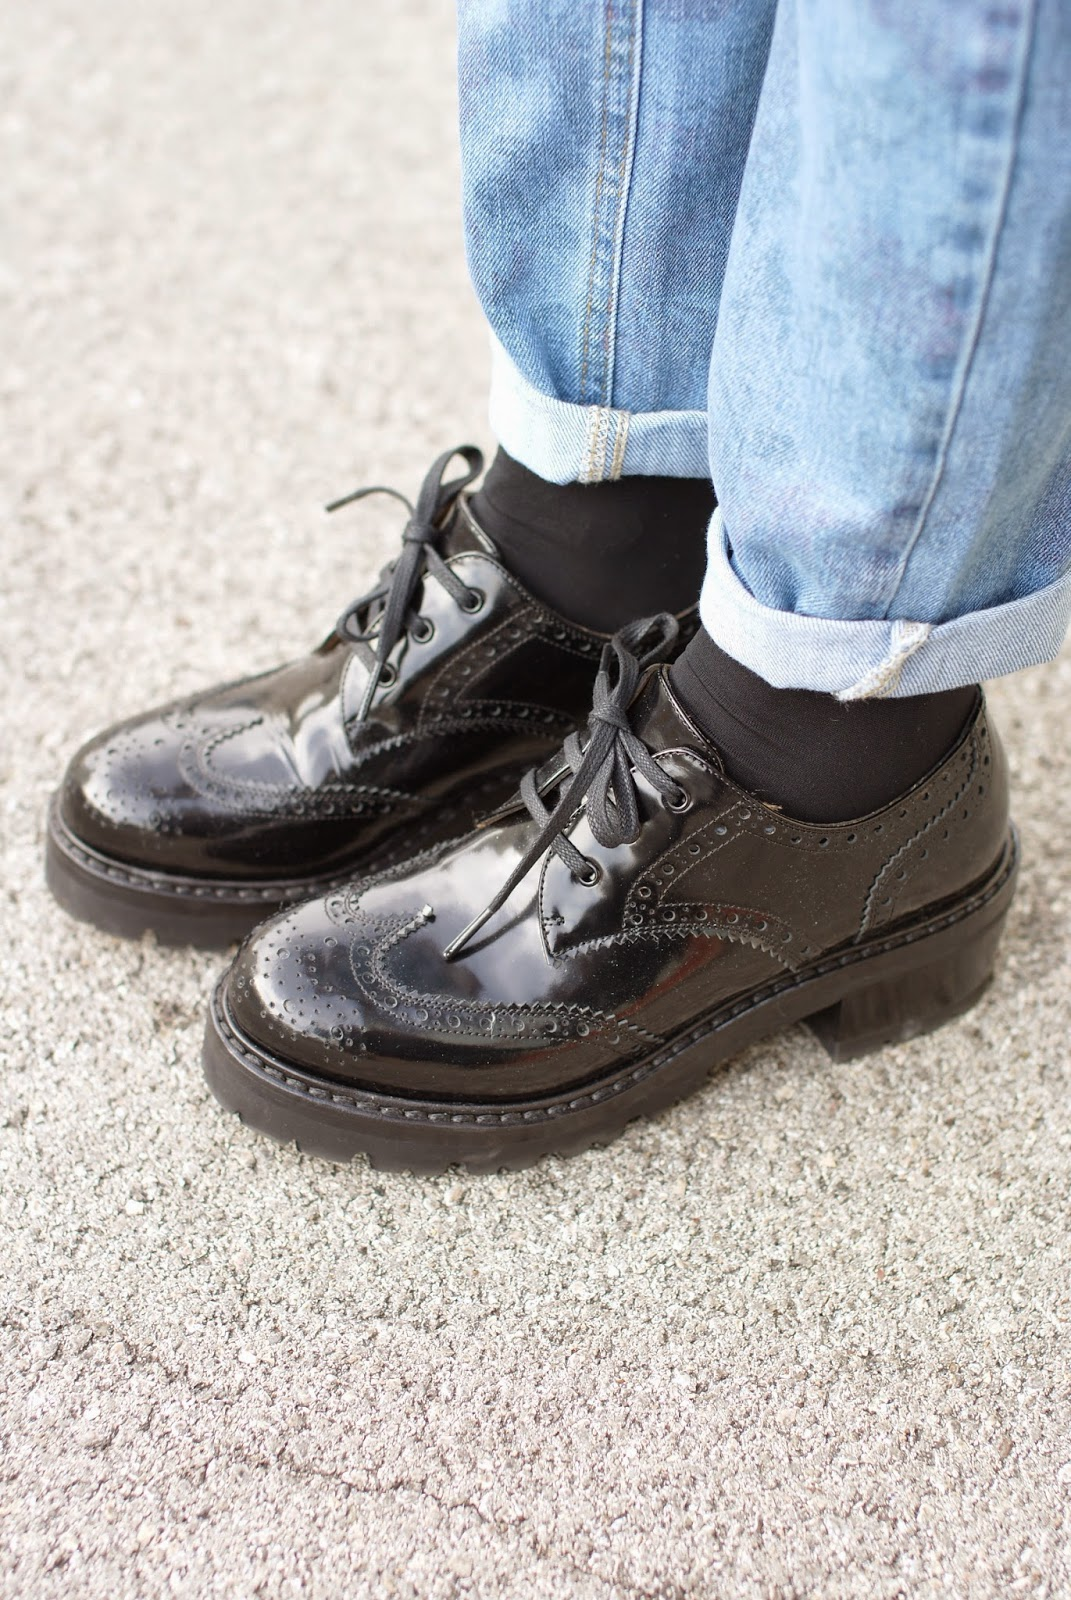 Nando Muzi scarpe, Nando Muzi brogues, Fashion and Cookies, fashion blogger